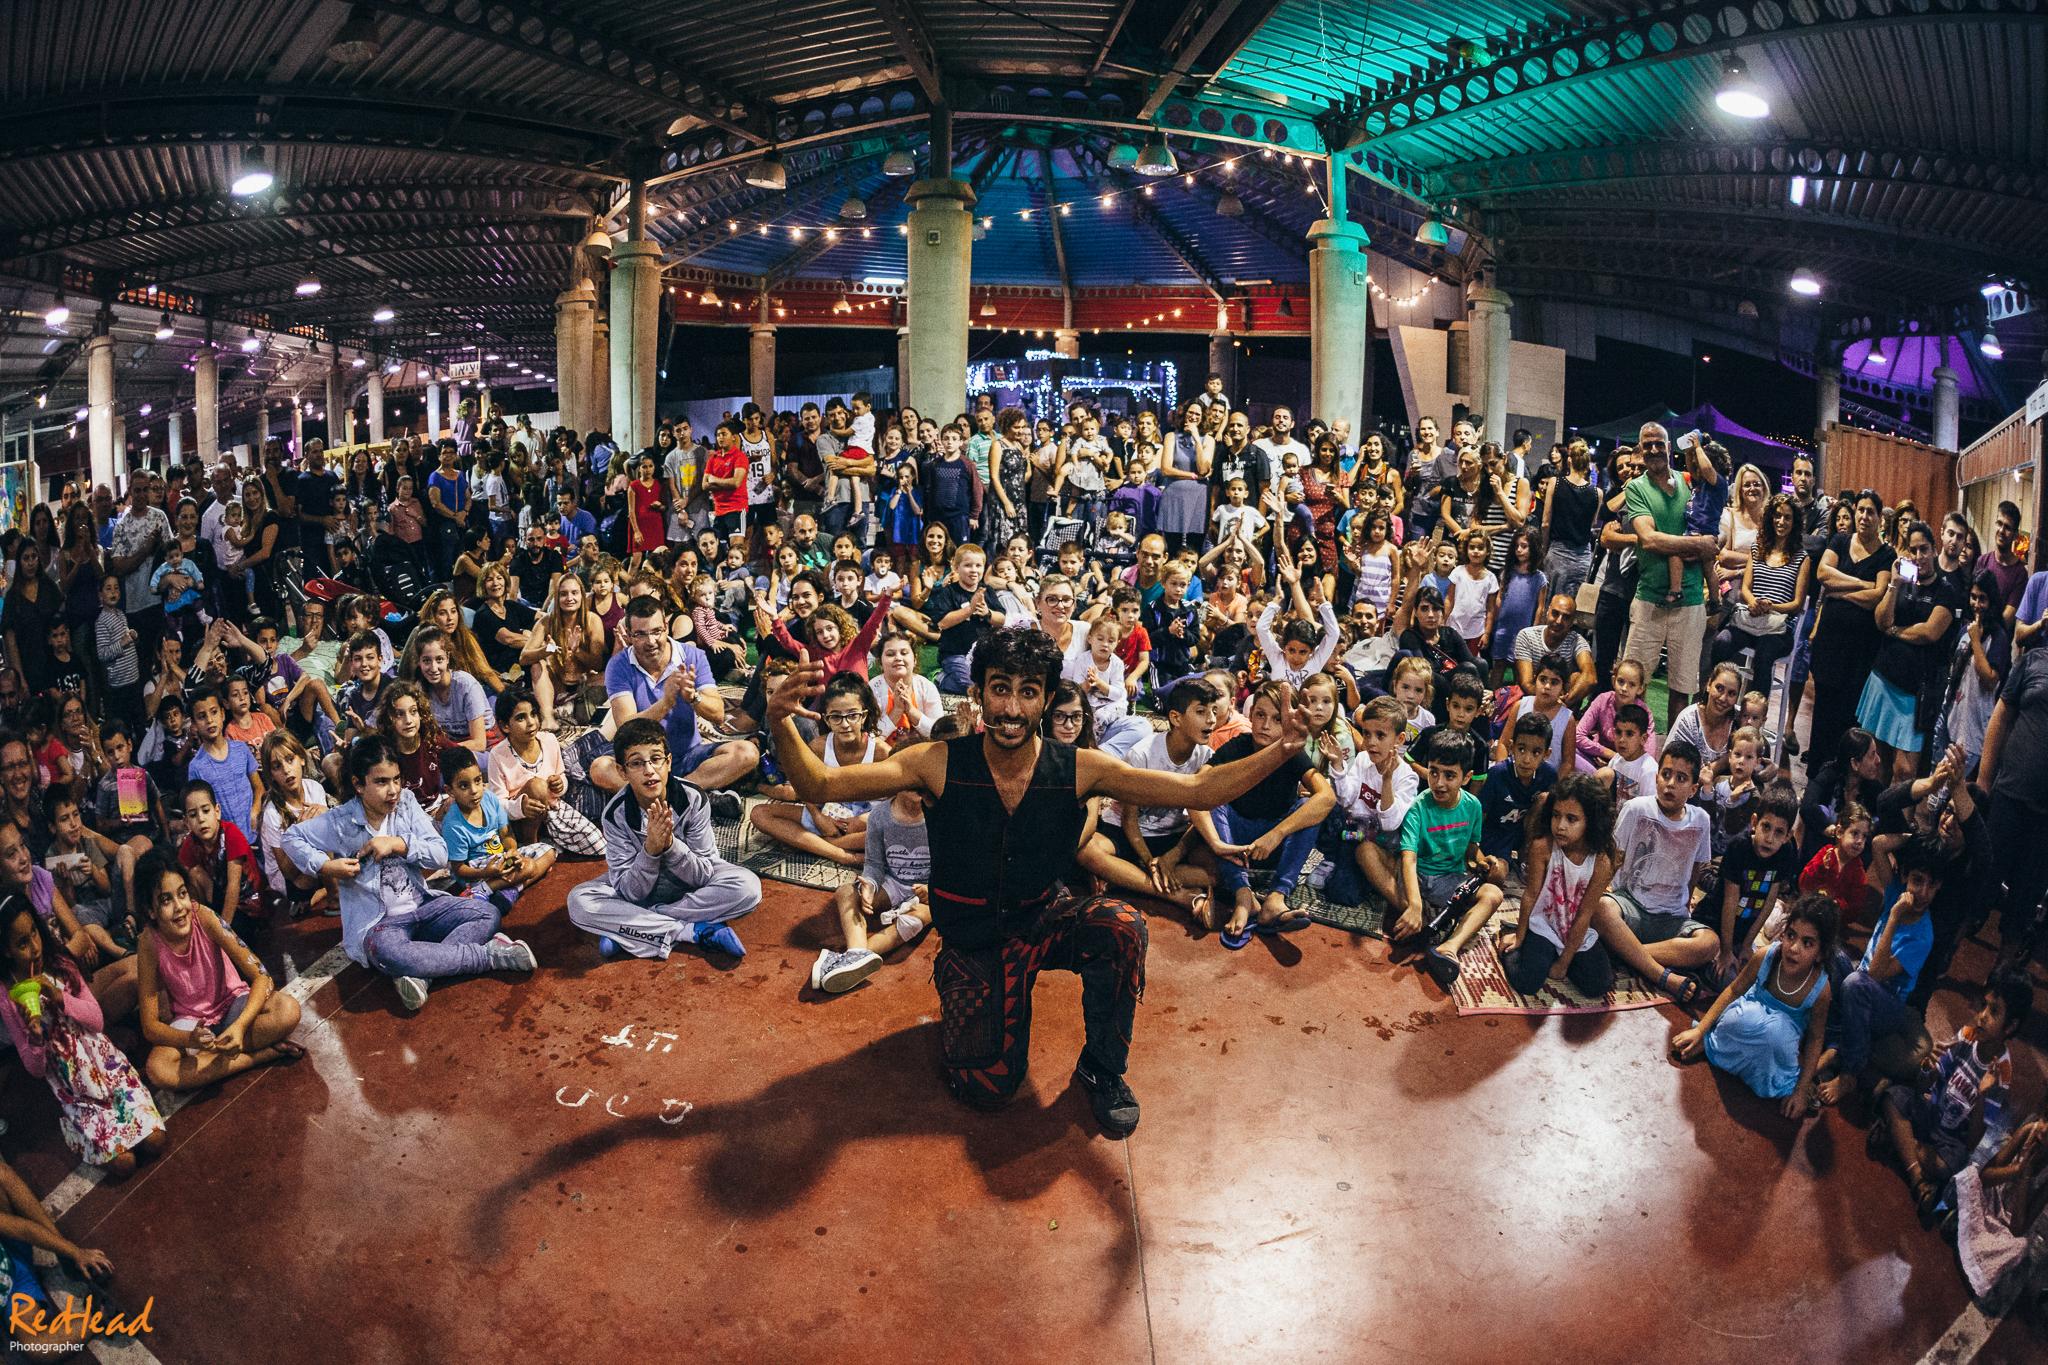 הרבה קהל במופע לכל המשפחה